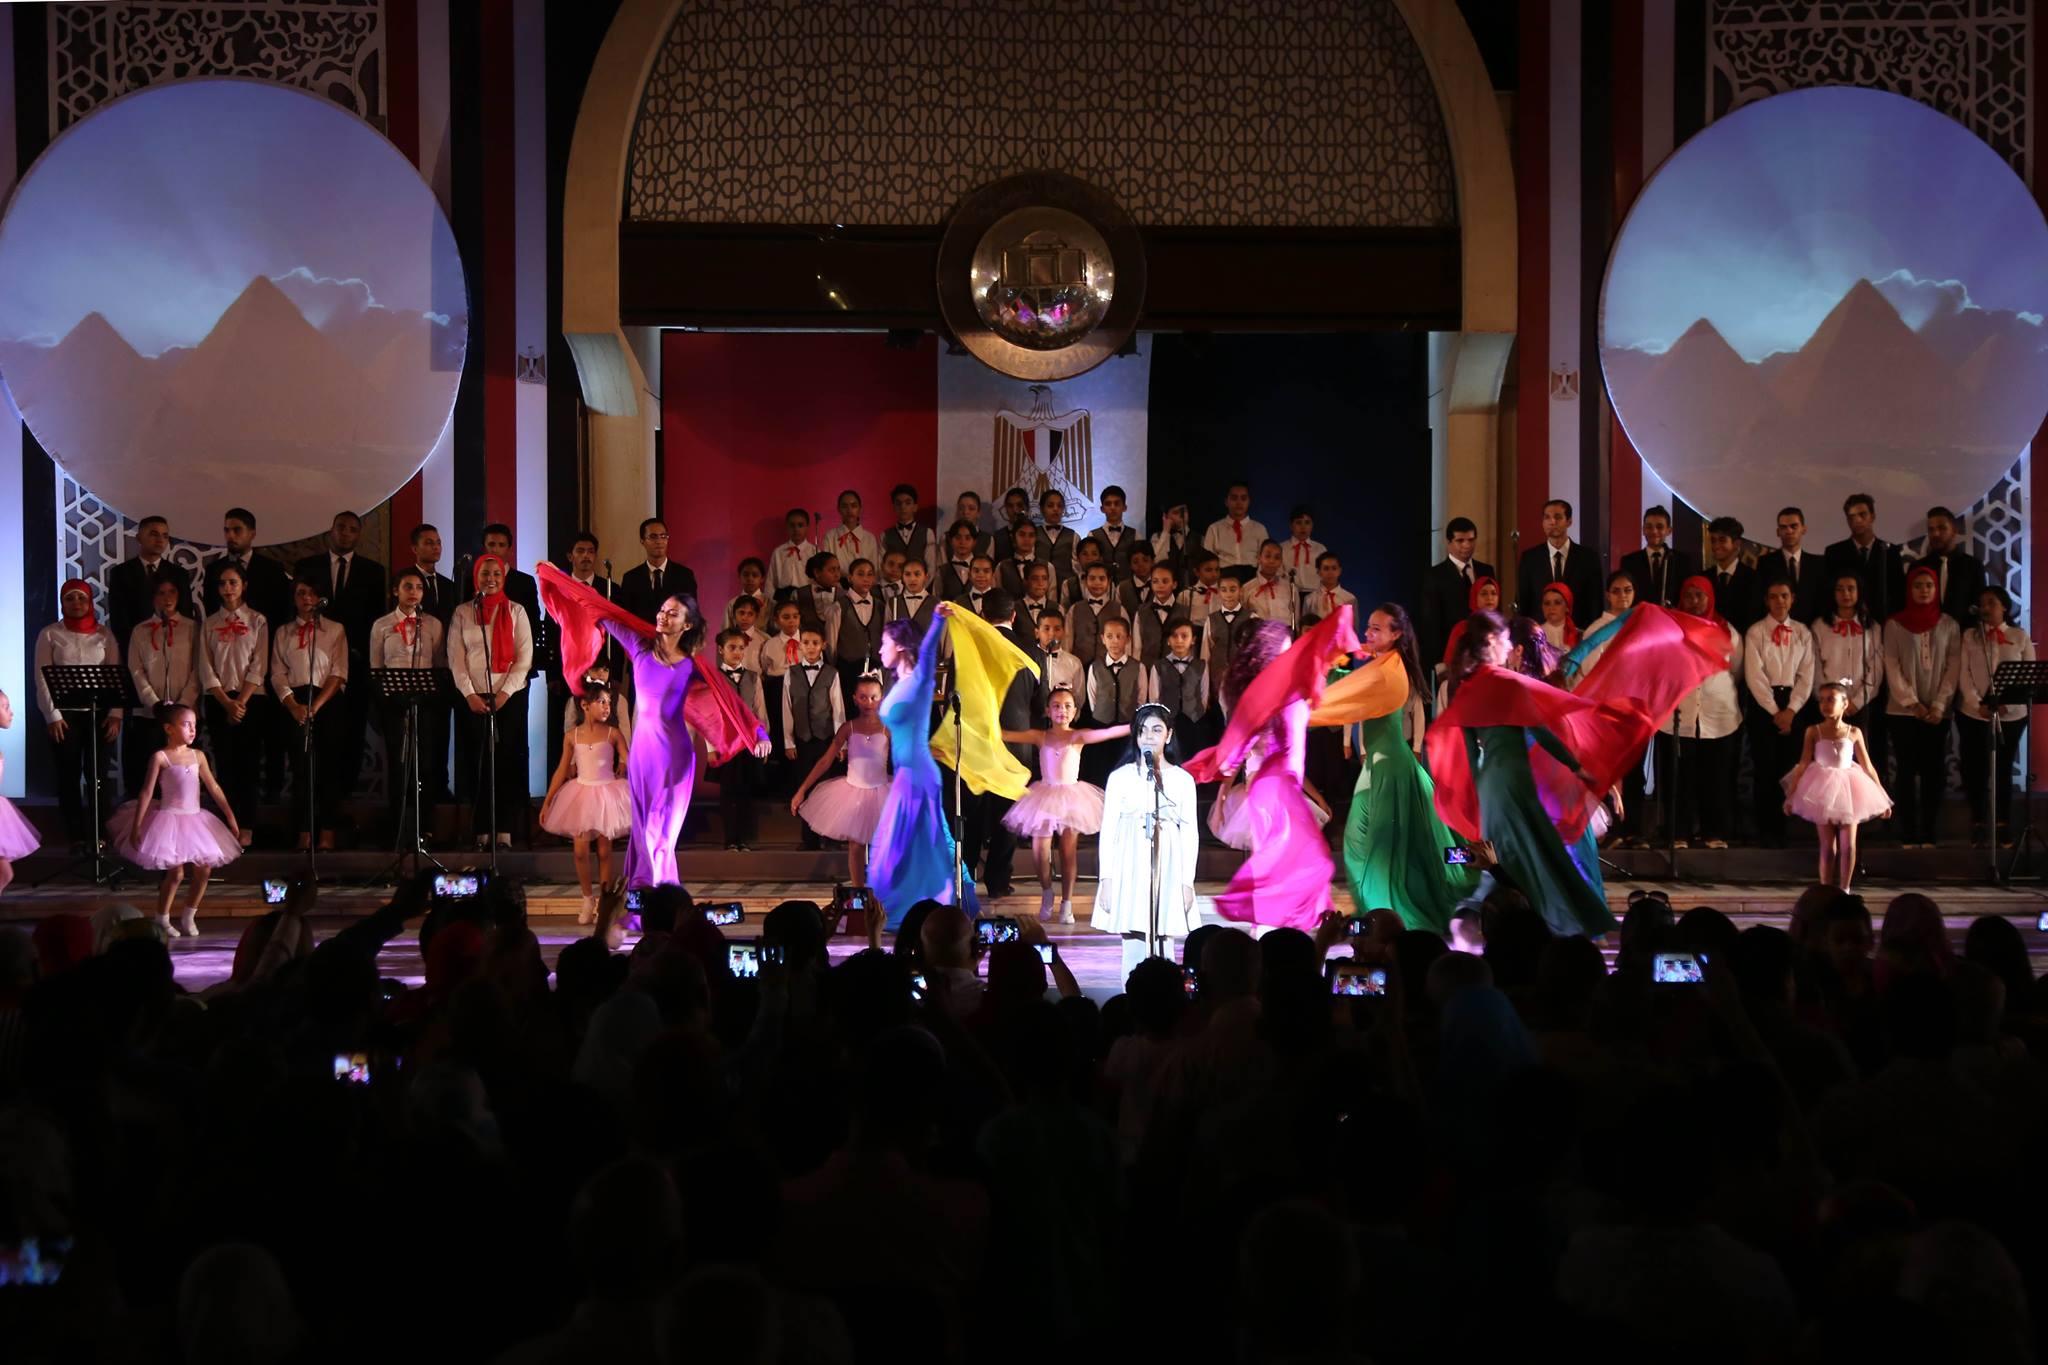 احتفالات دار الاوبرا بـ 30 يونيو (6)